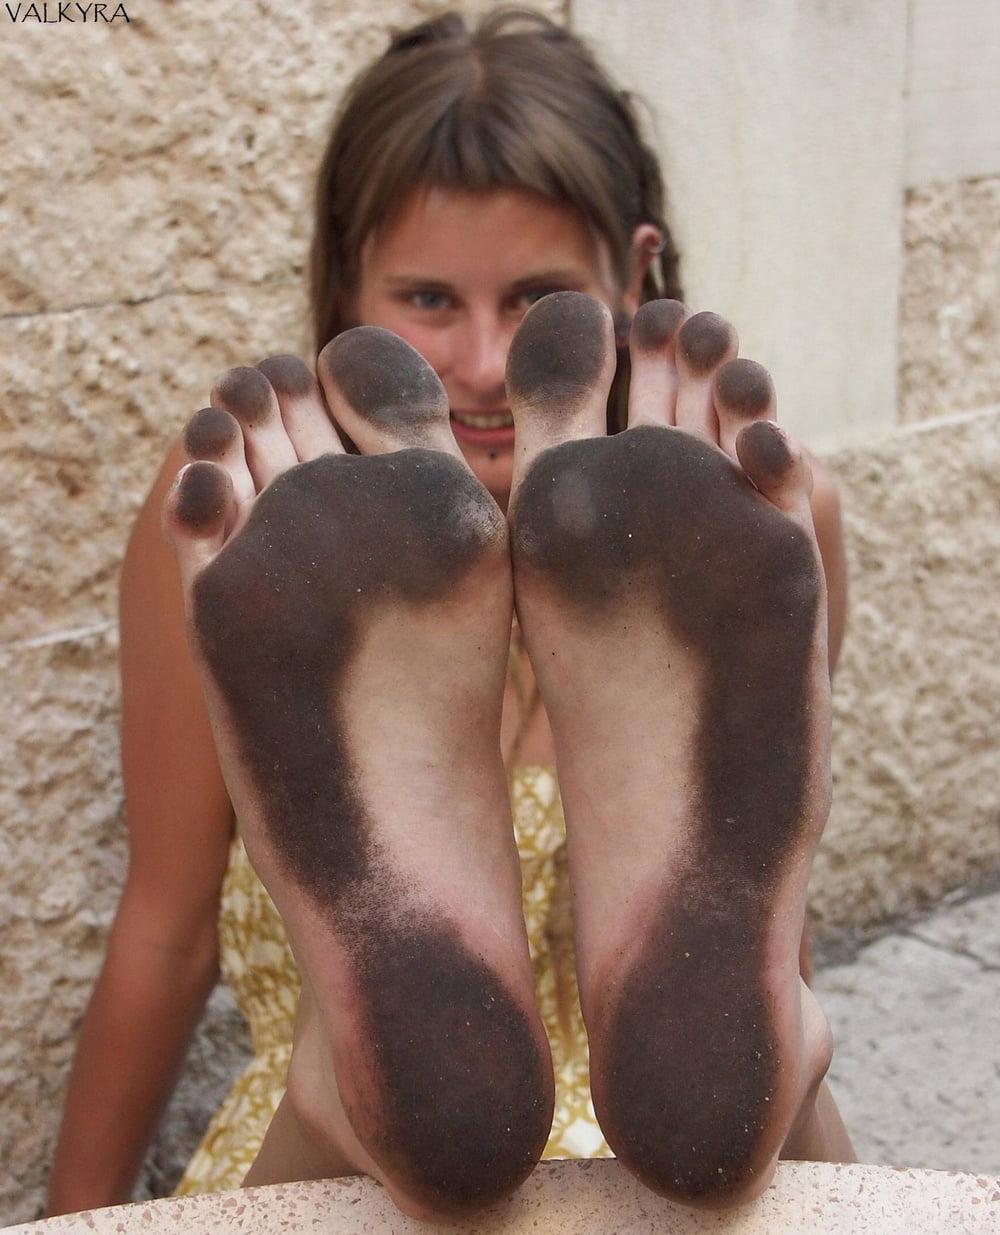 Девушки с грязными ногами, русское порно массажный салон